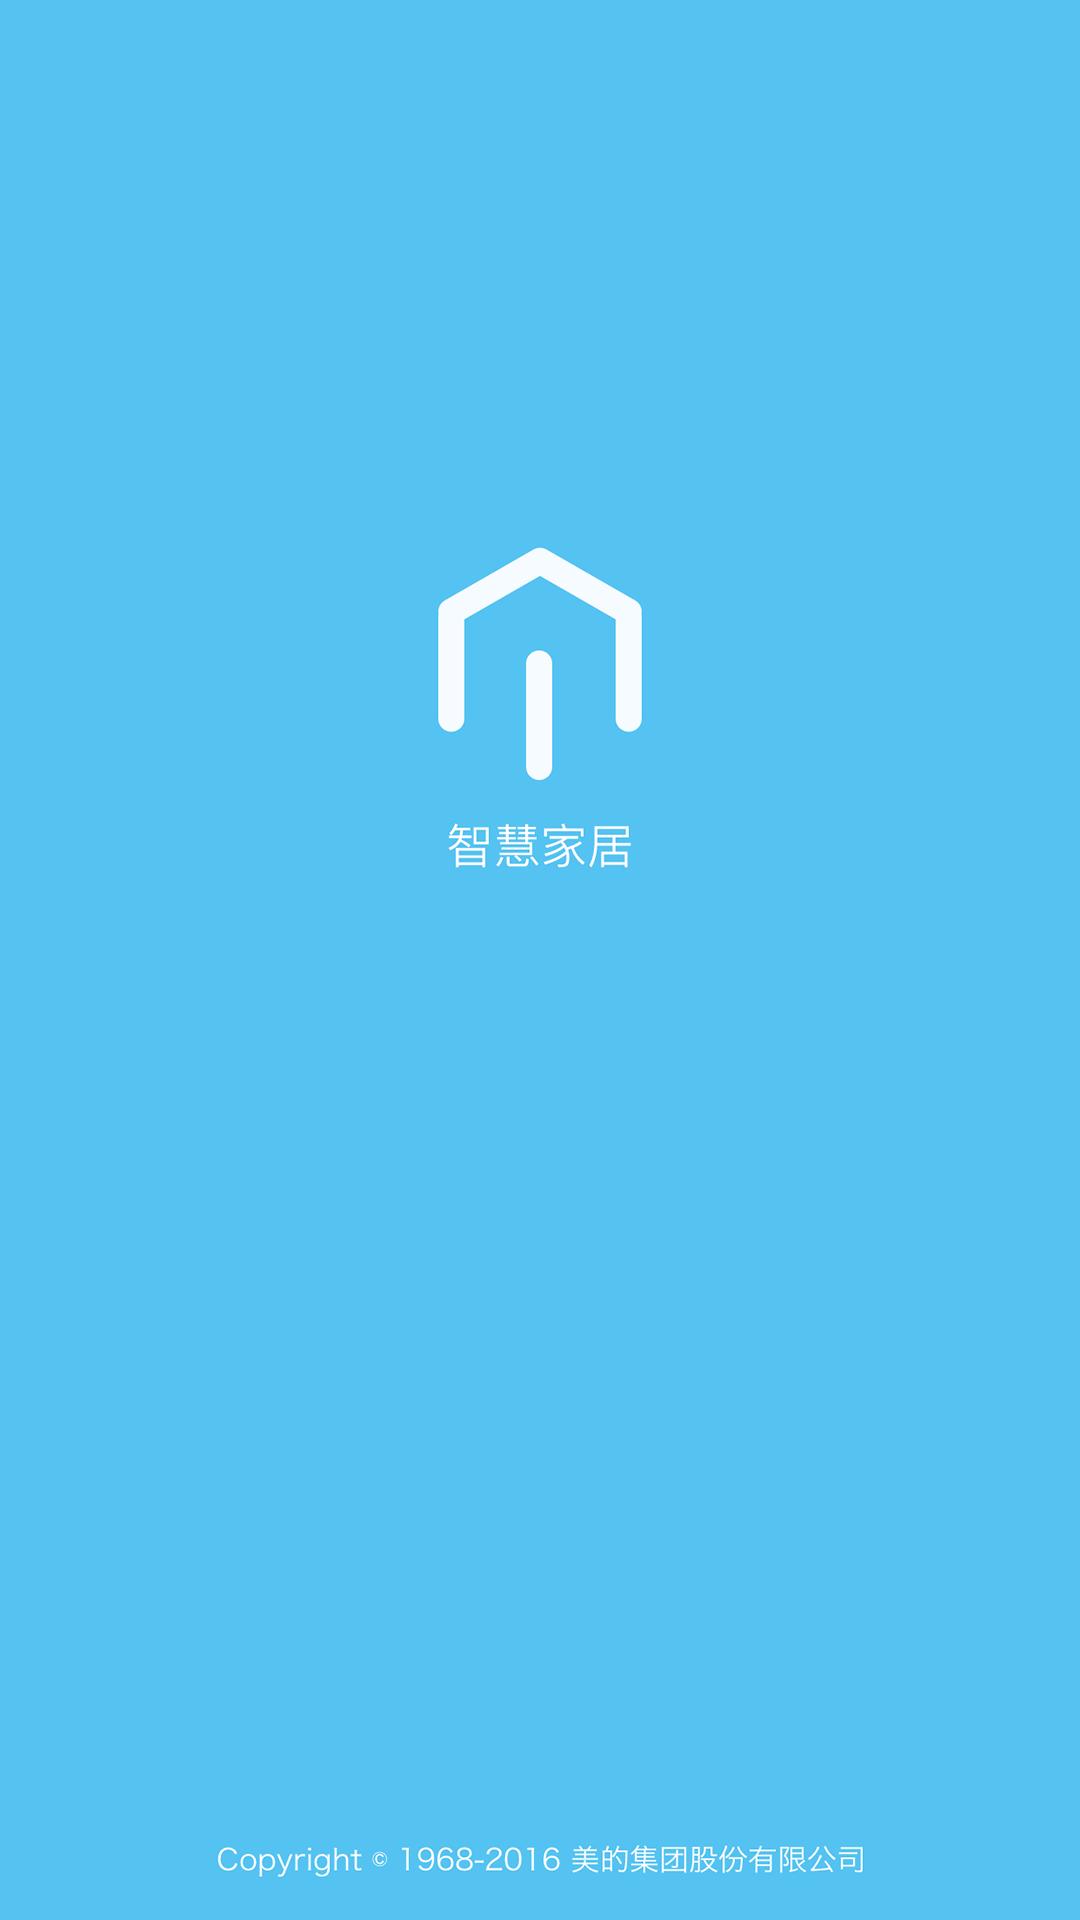 美智 v1.0.0 安卓版界面图1